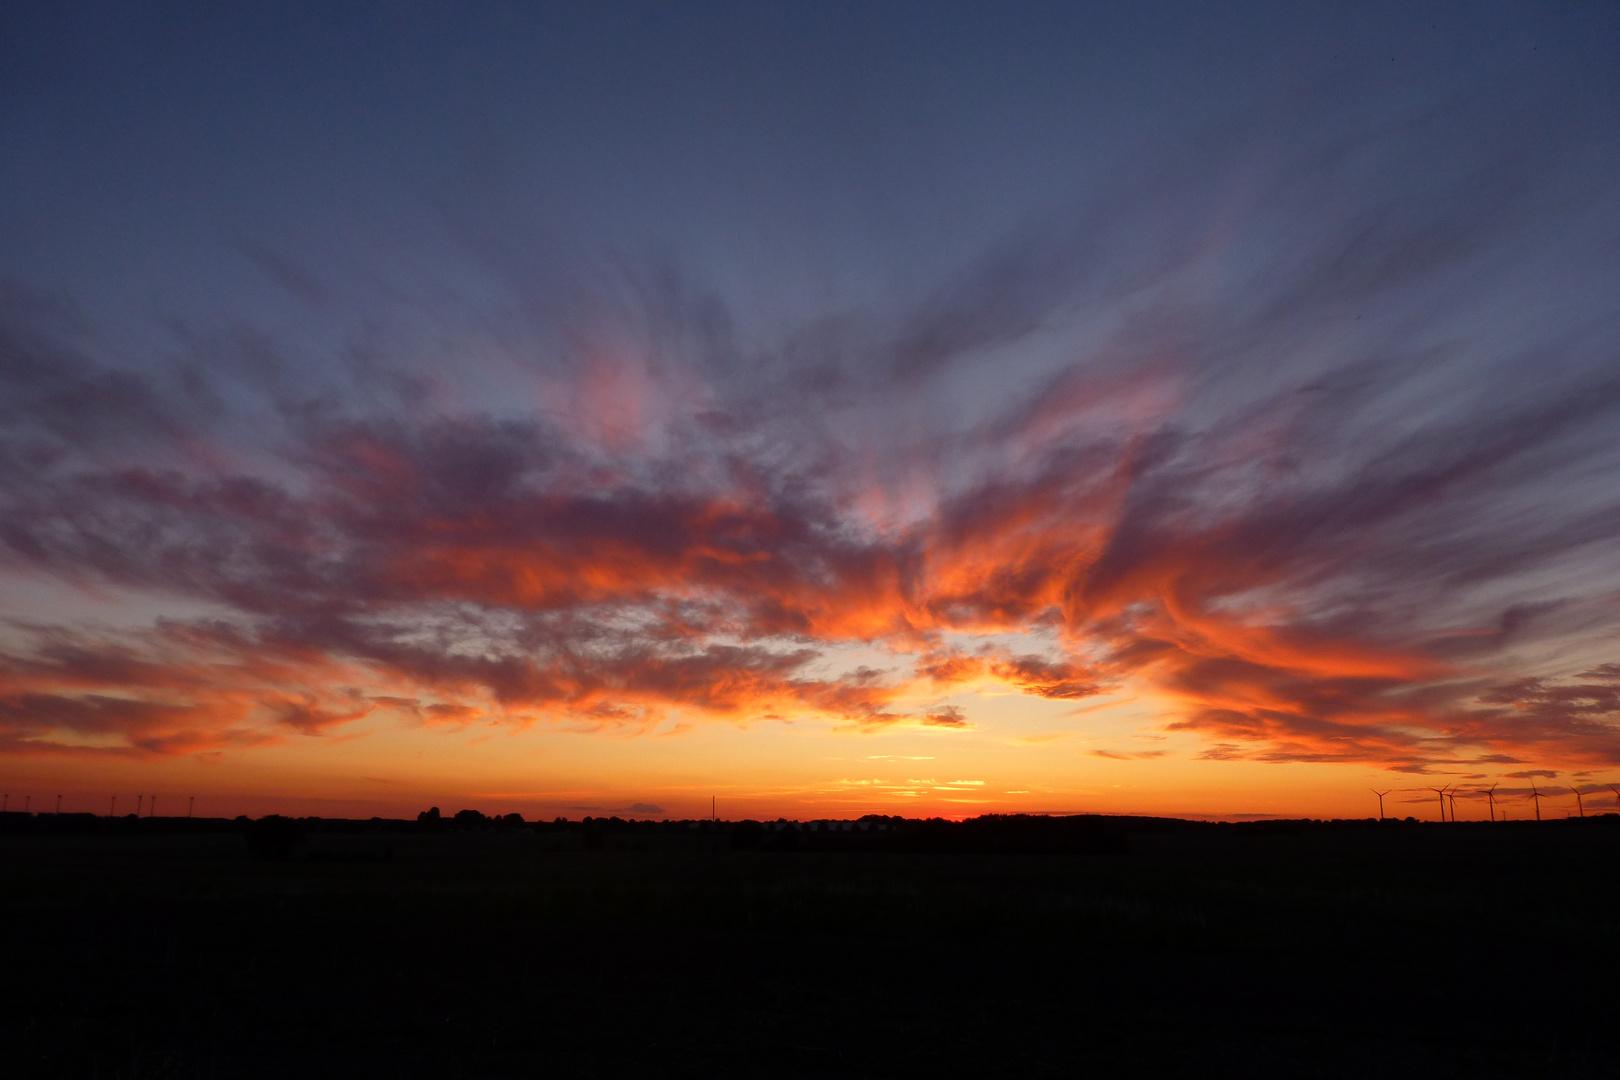 Sonnenuntergang und Wolkenn erzeugten dieses Szenario am Himmel